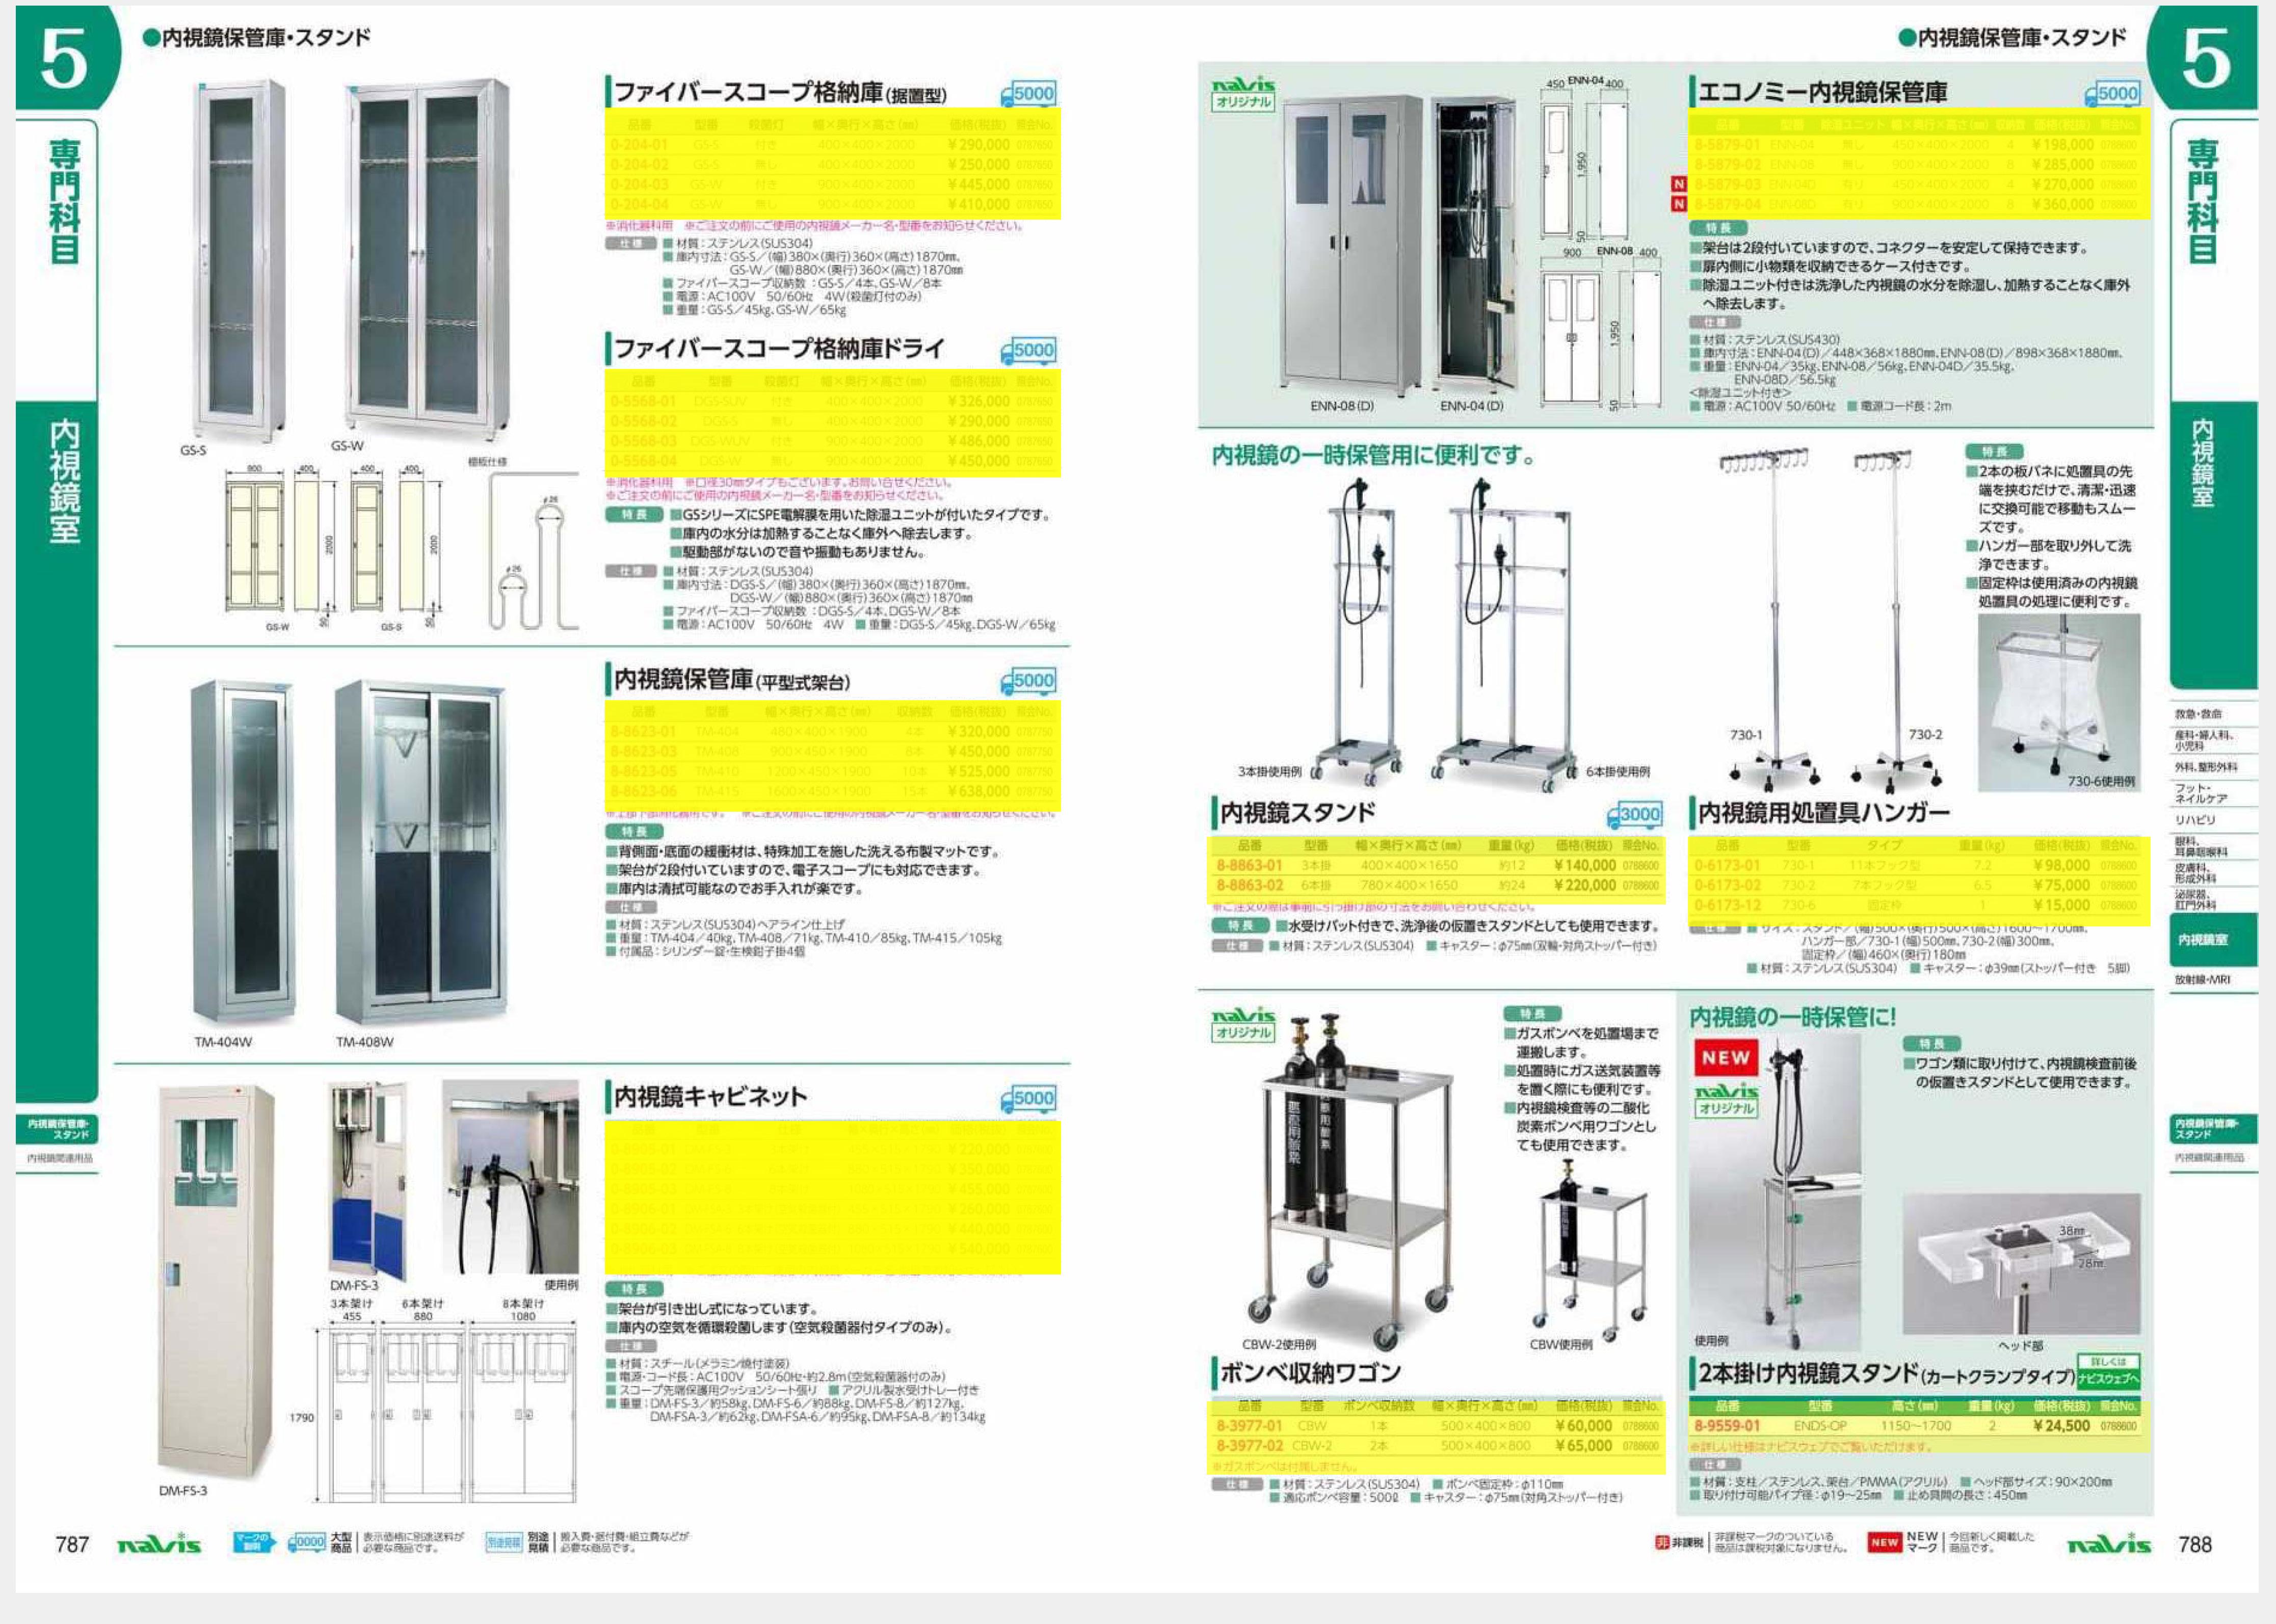 ナビス50000 ナビス 8-5879-03 エコノミー内視鏡保管庫 除湿ユニット有り 450×400×2000 収納4コ[個](as1-8-5879-03)